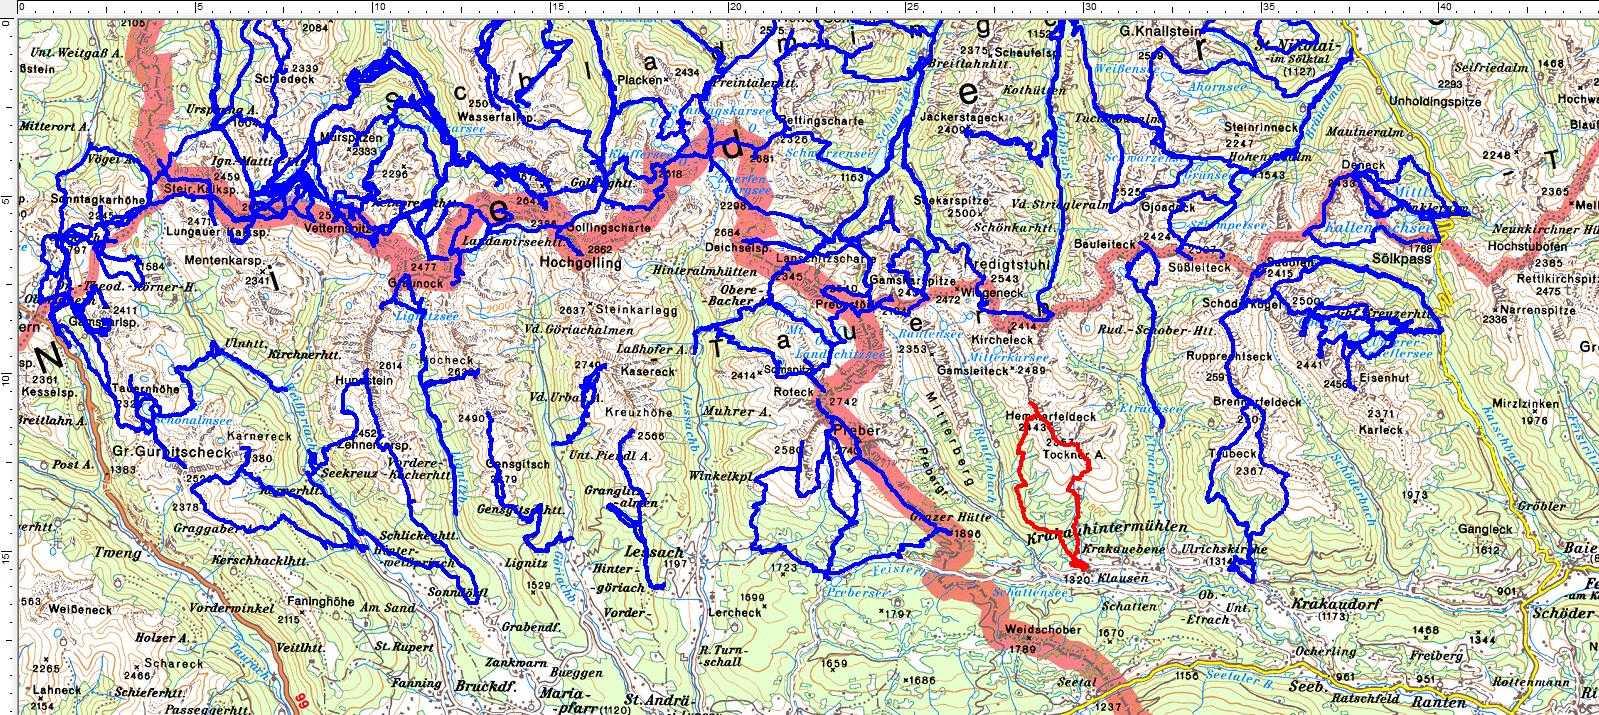 Ein weißer Fleck in den südlichen Schladminger Tauern ist nun geschlossen (rote Route)